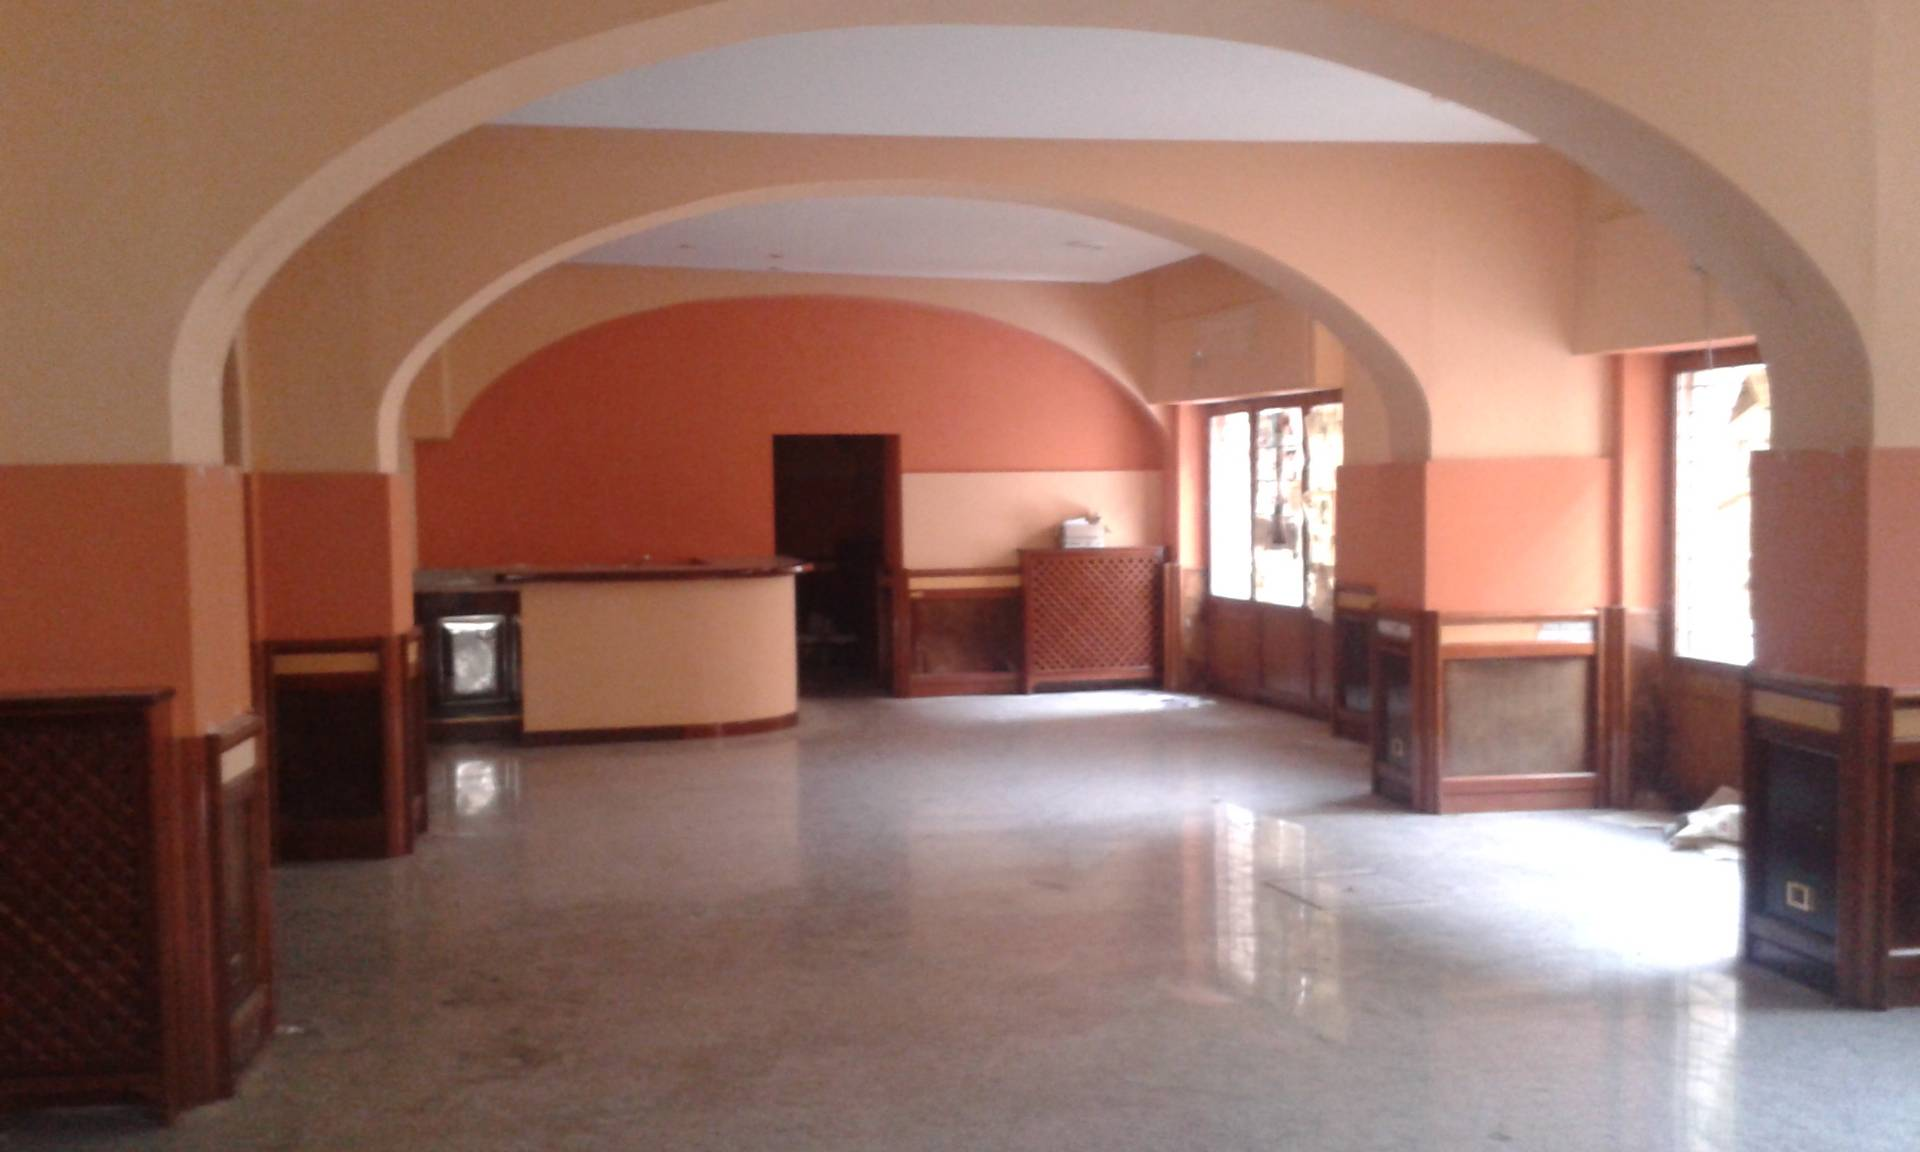 Negozio / Locale in affitto a Teramo, 9999 locali, prezzo € 2.400 | Cambio Casa.it